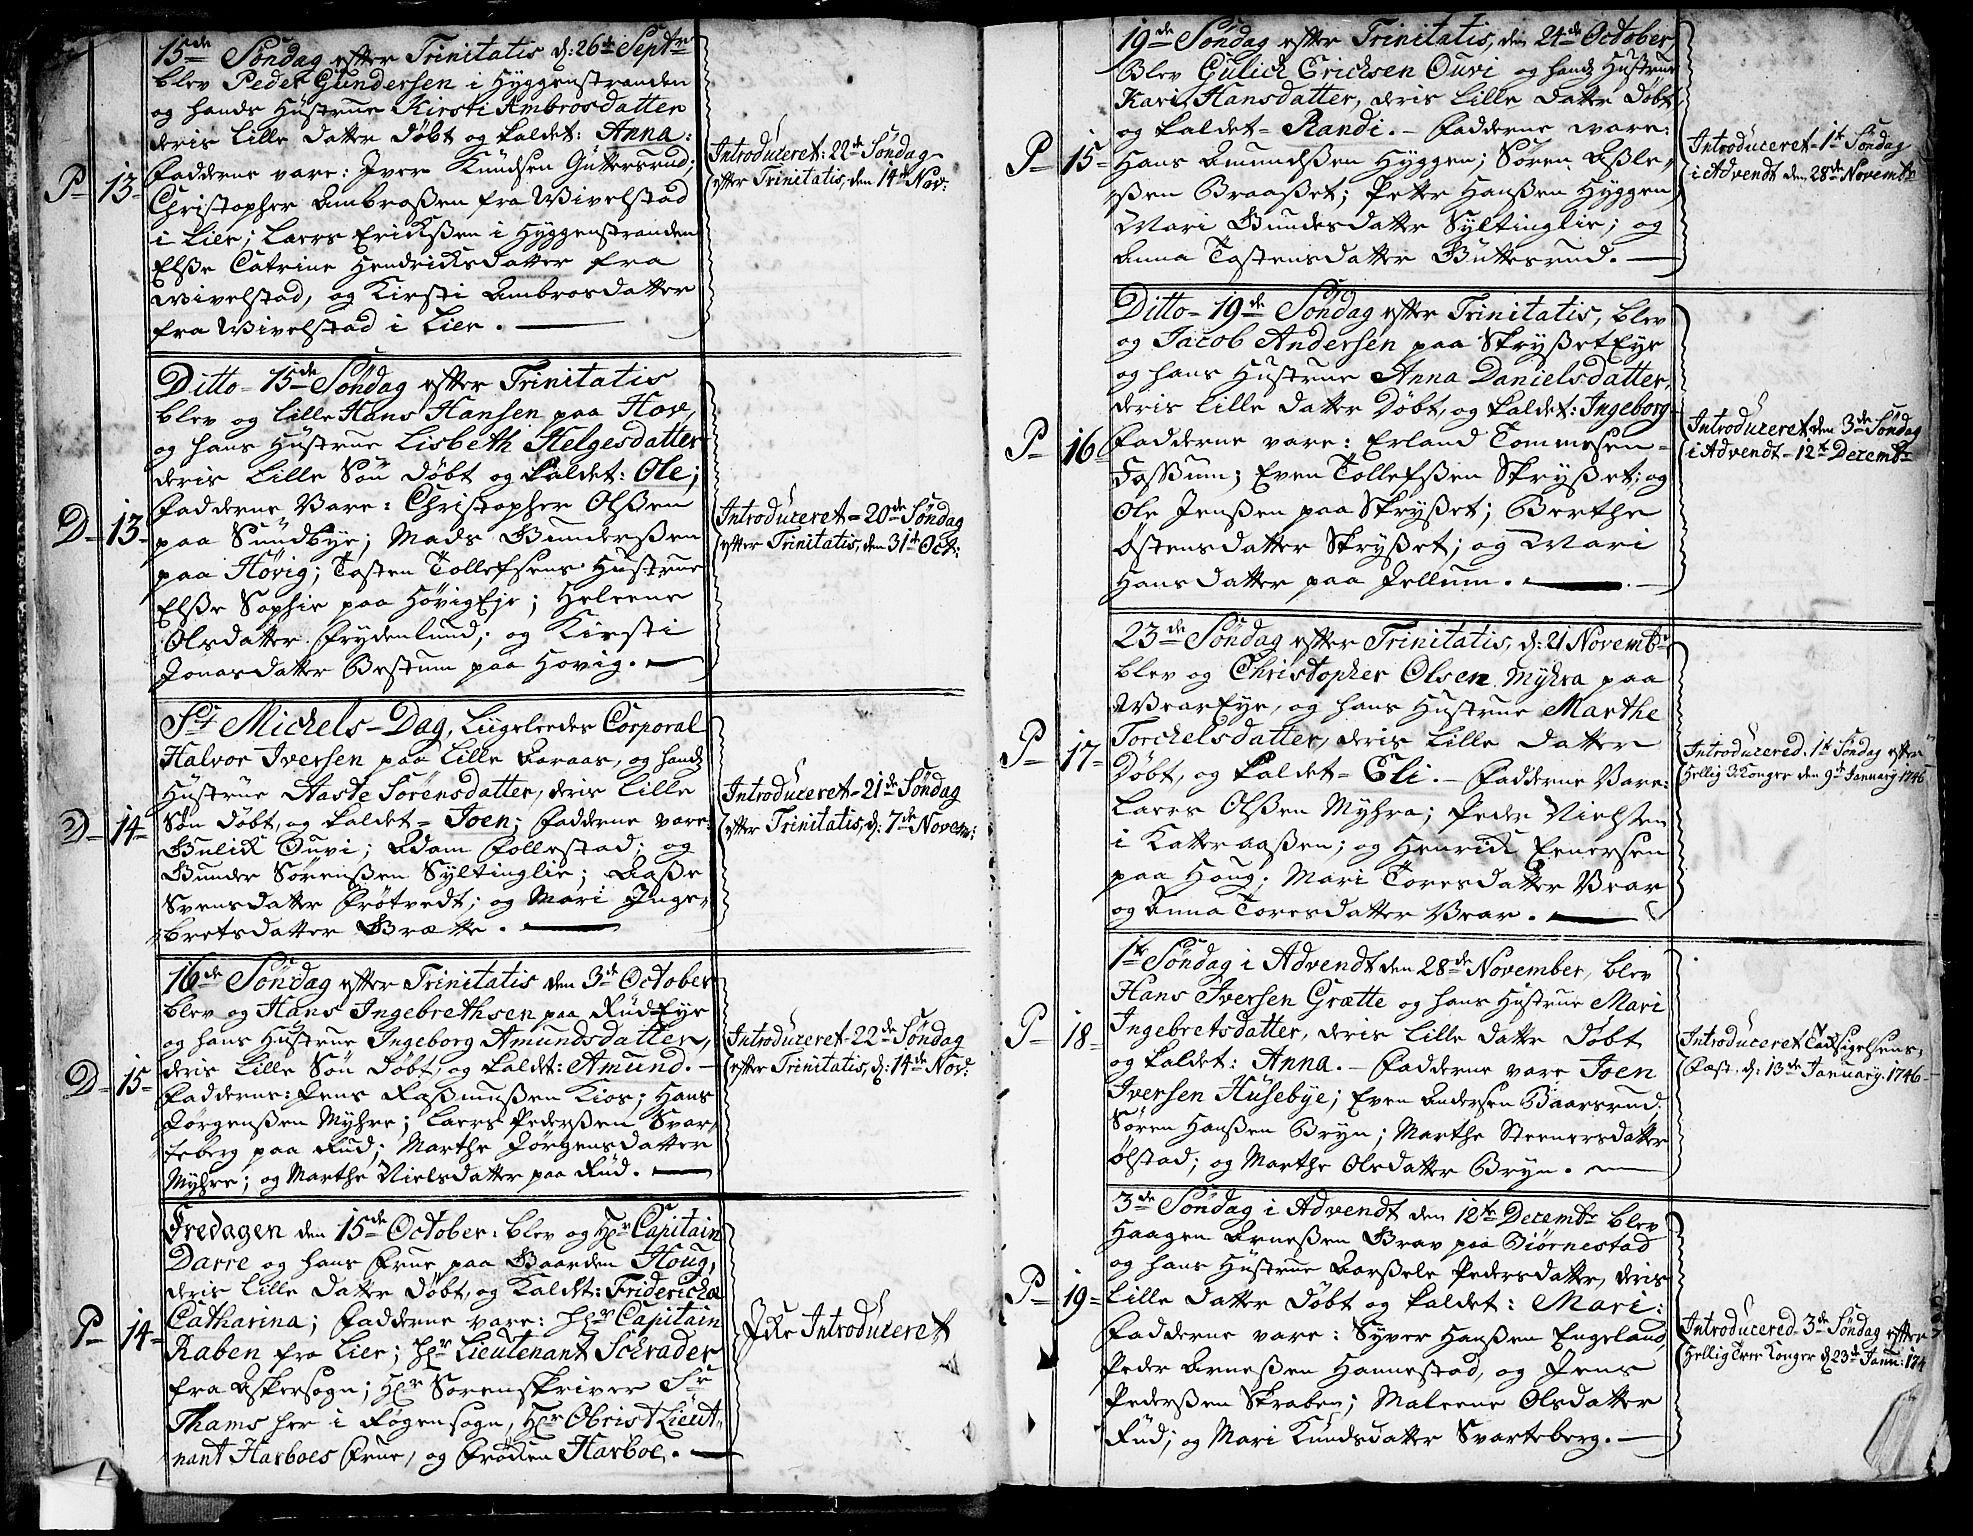 SAKO, Røyken kirkebøker, G/Ga/L0001: Klokkerbok nr. 1, 1740-1768, s. 32-33